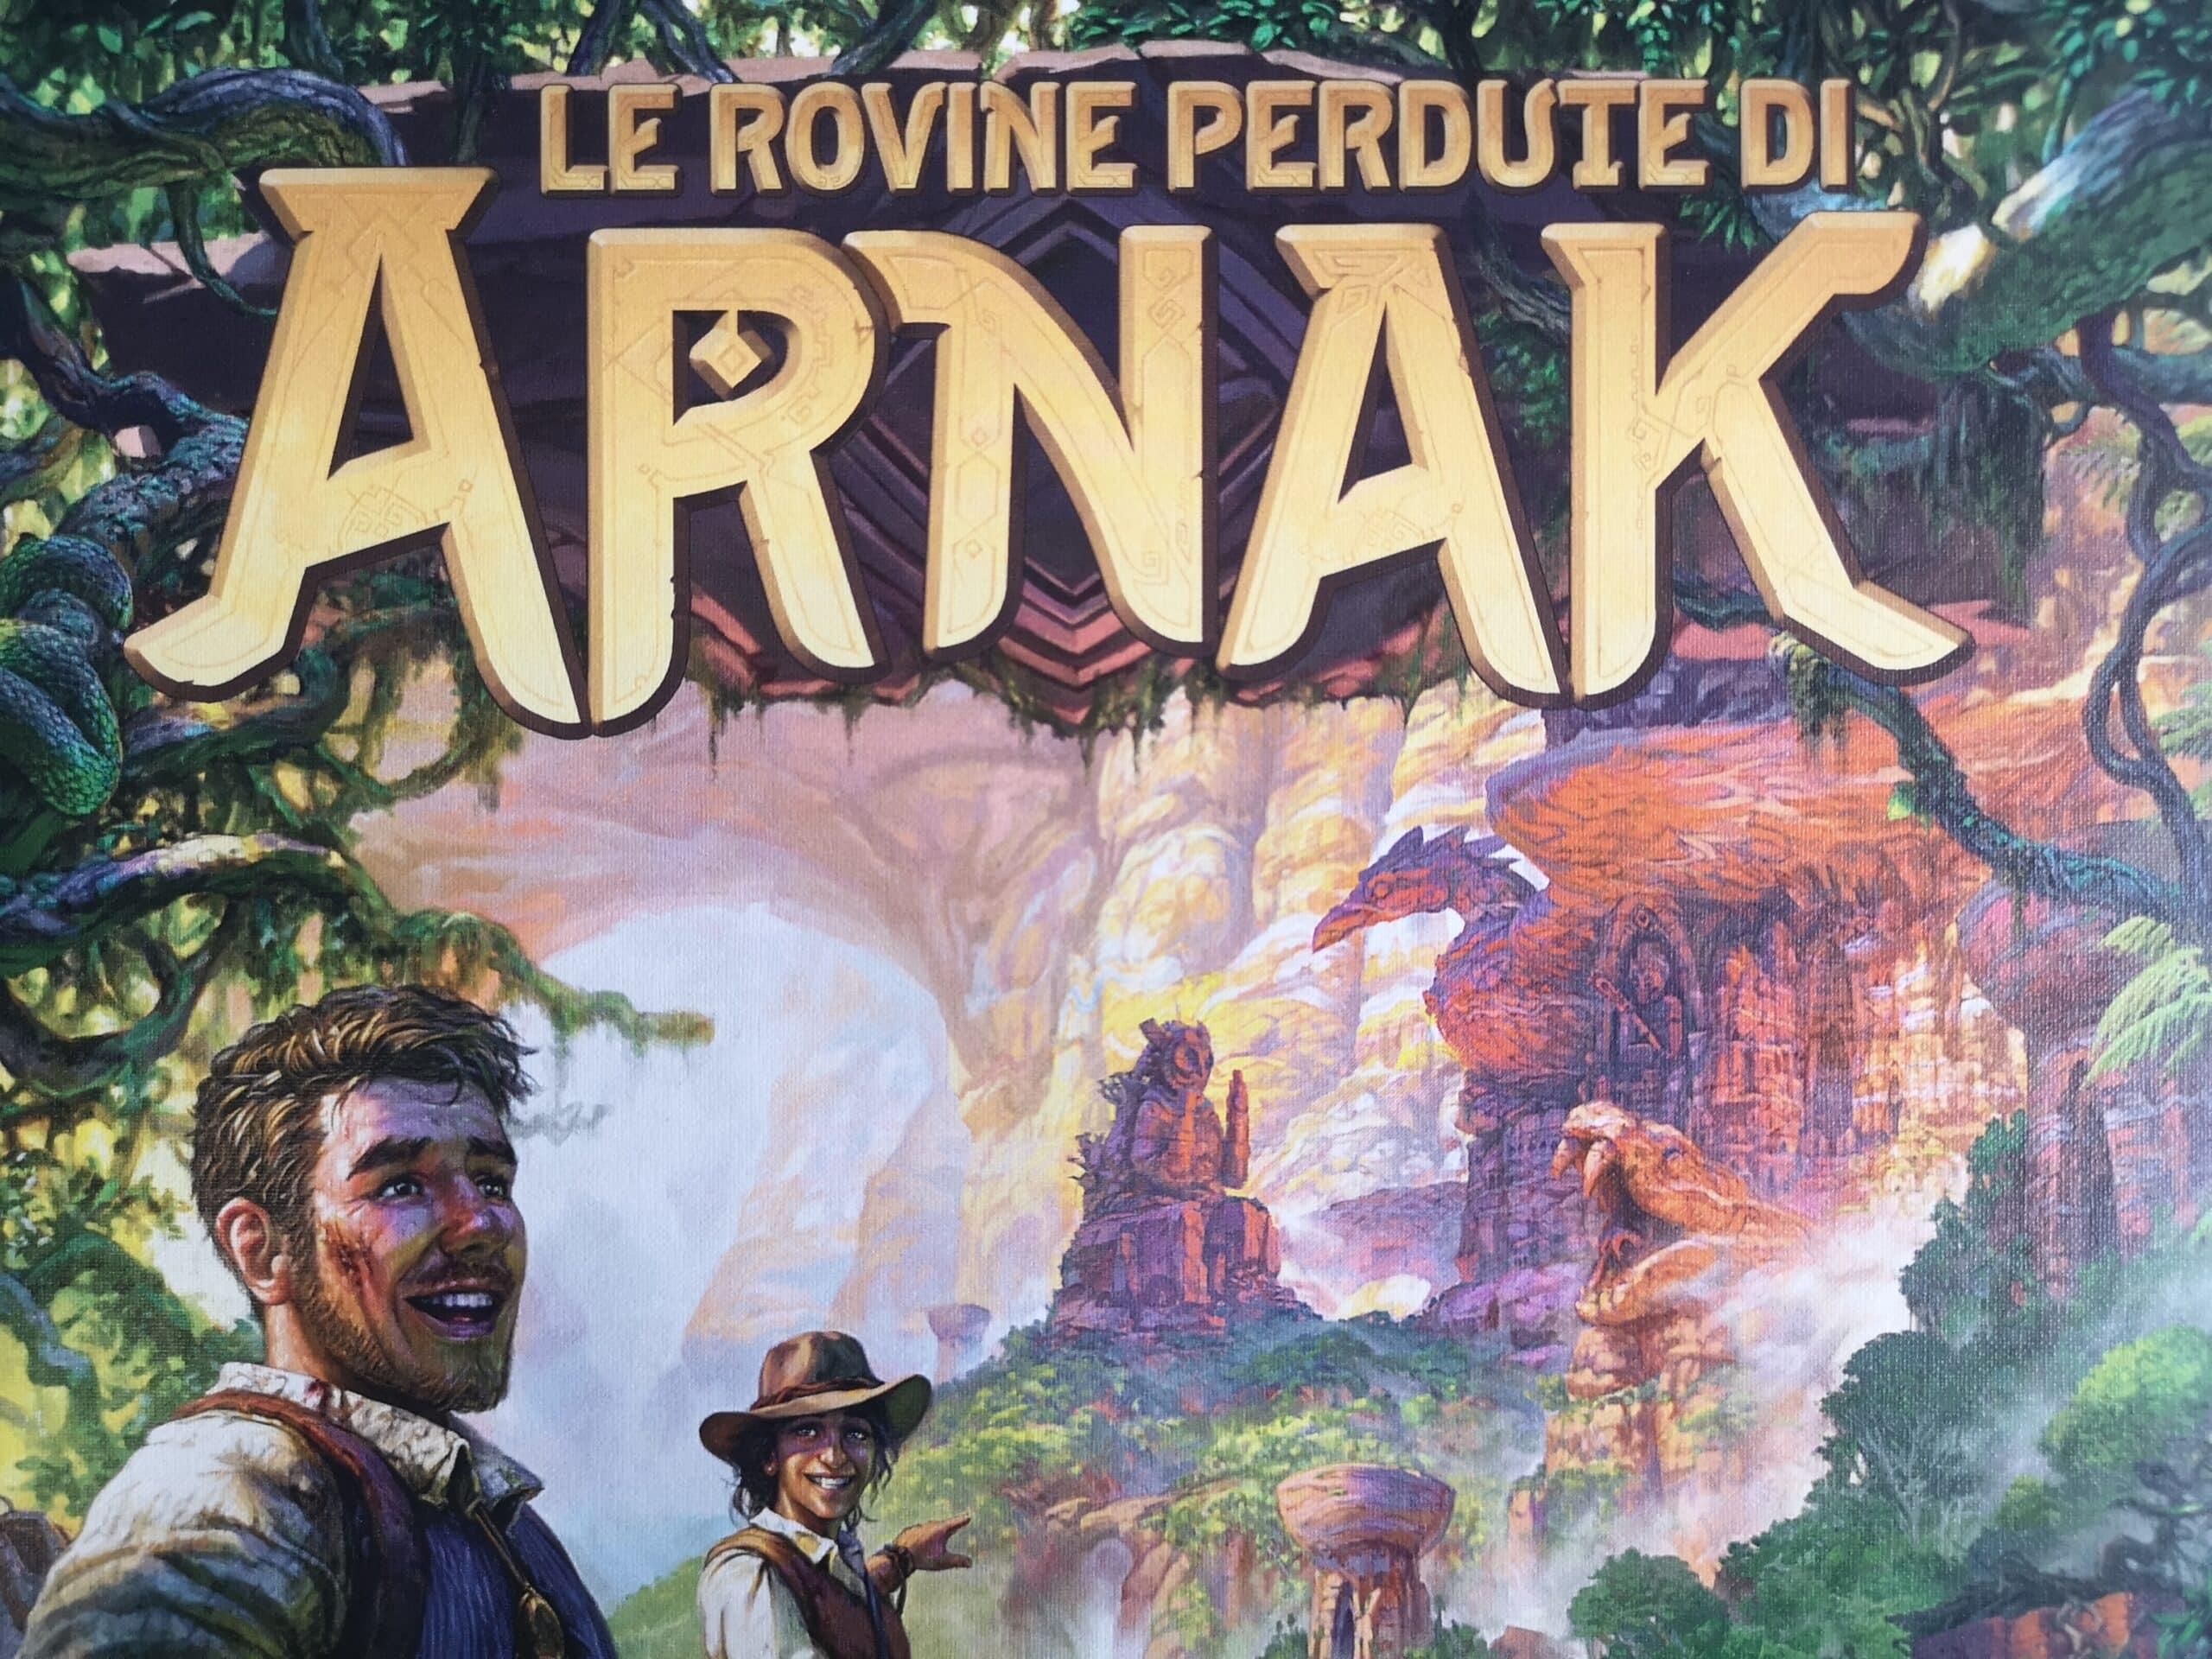 Le rovine perdute di Arnak: viaggio alla scoperta dei tesori dell'isola